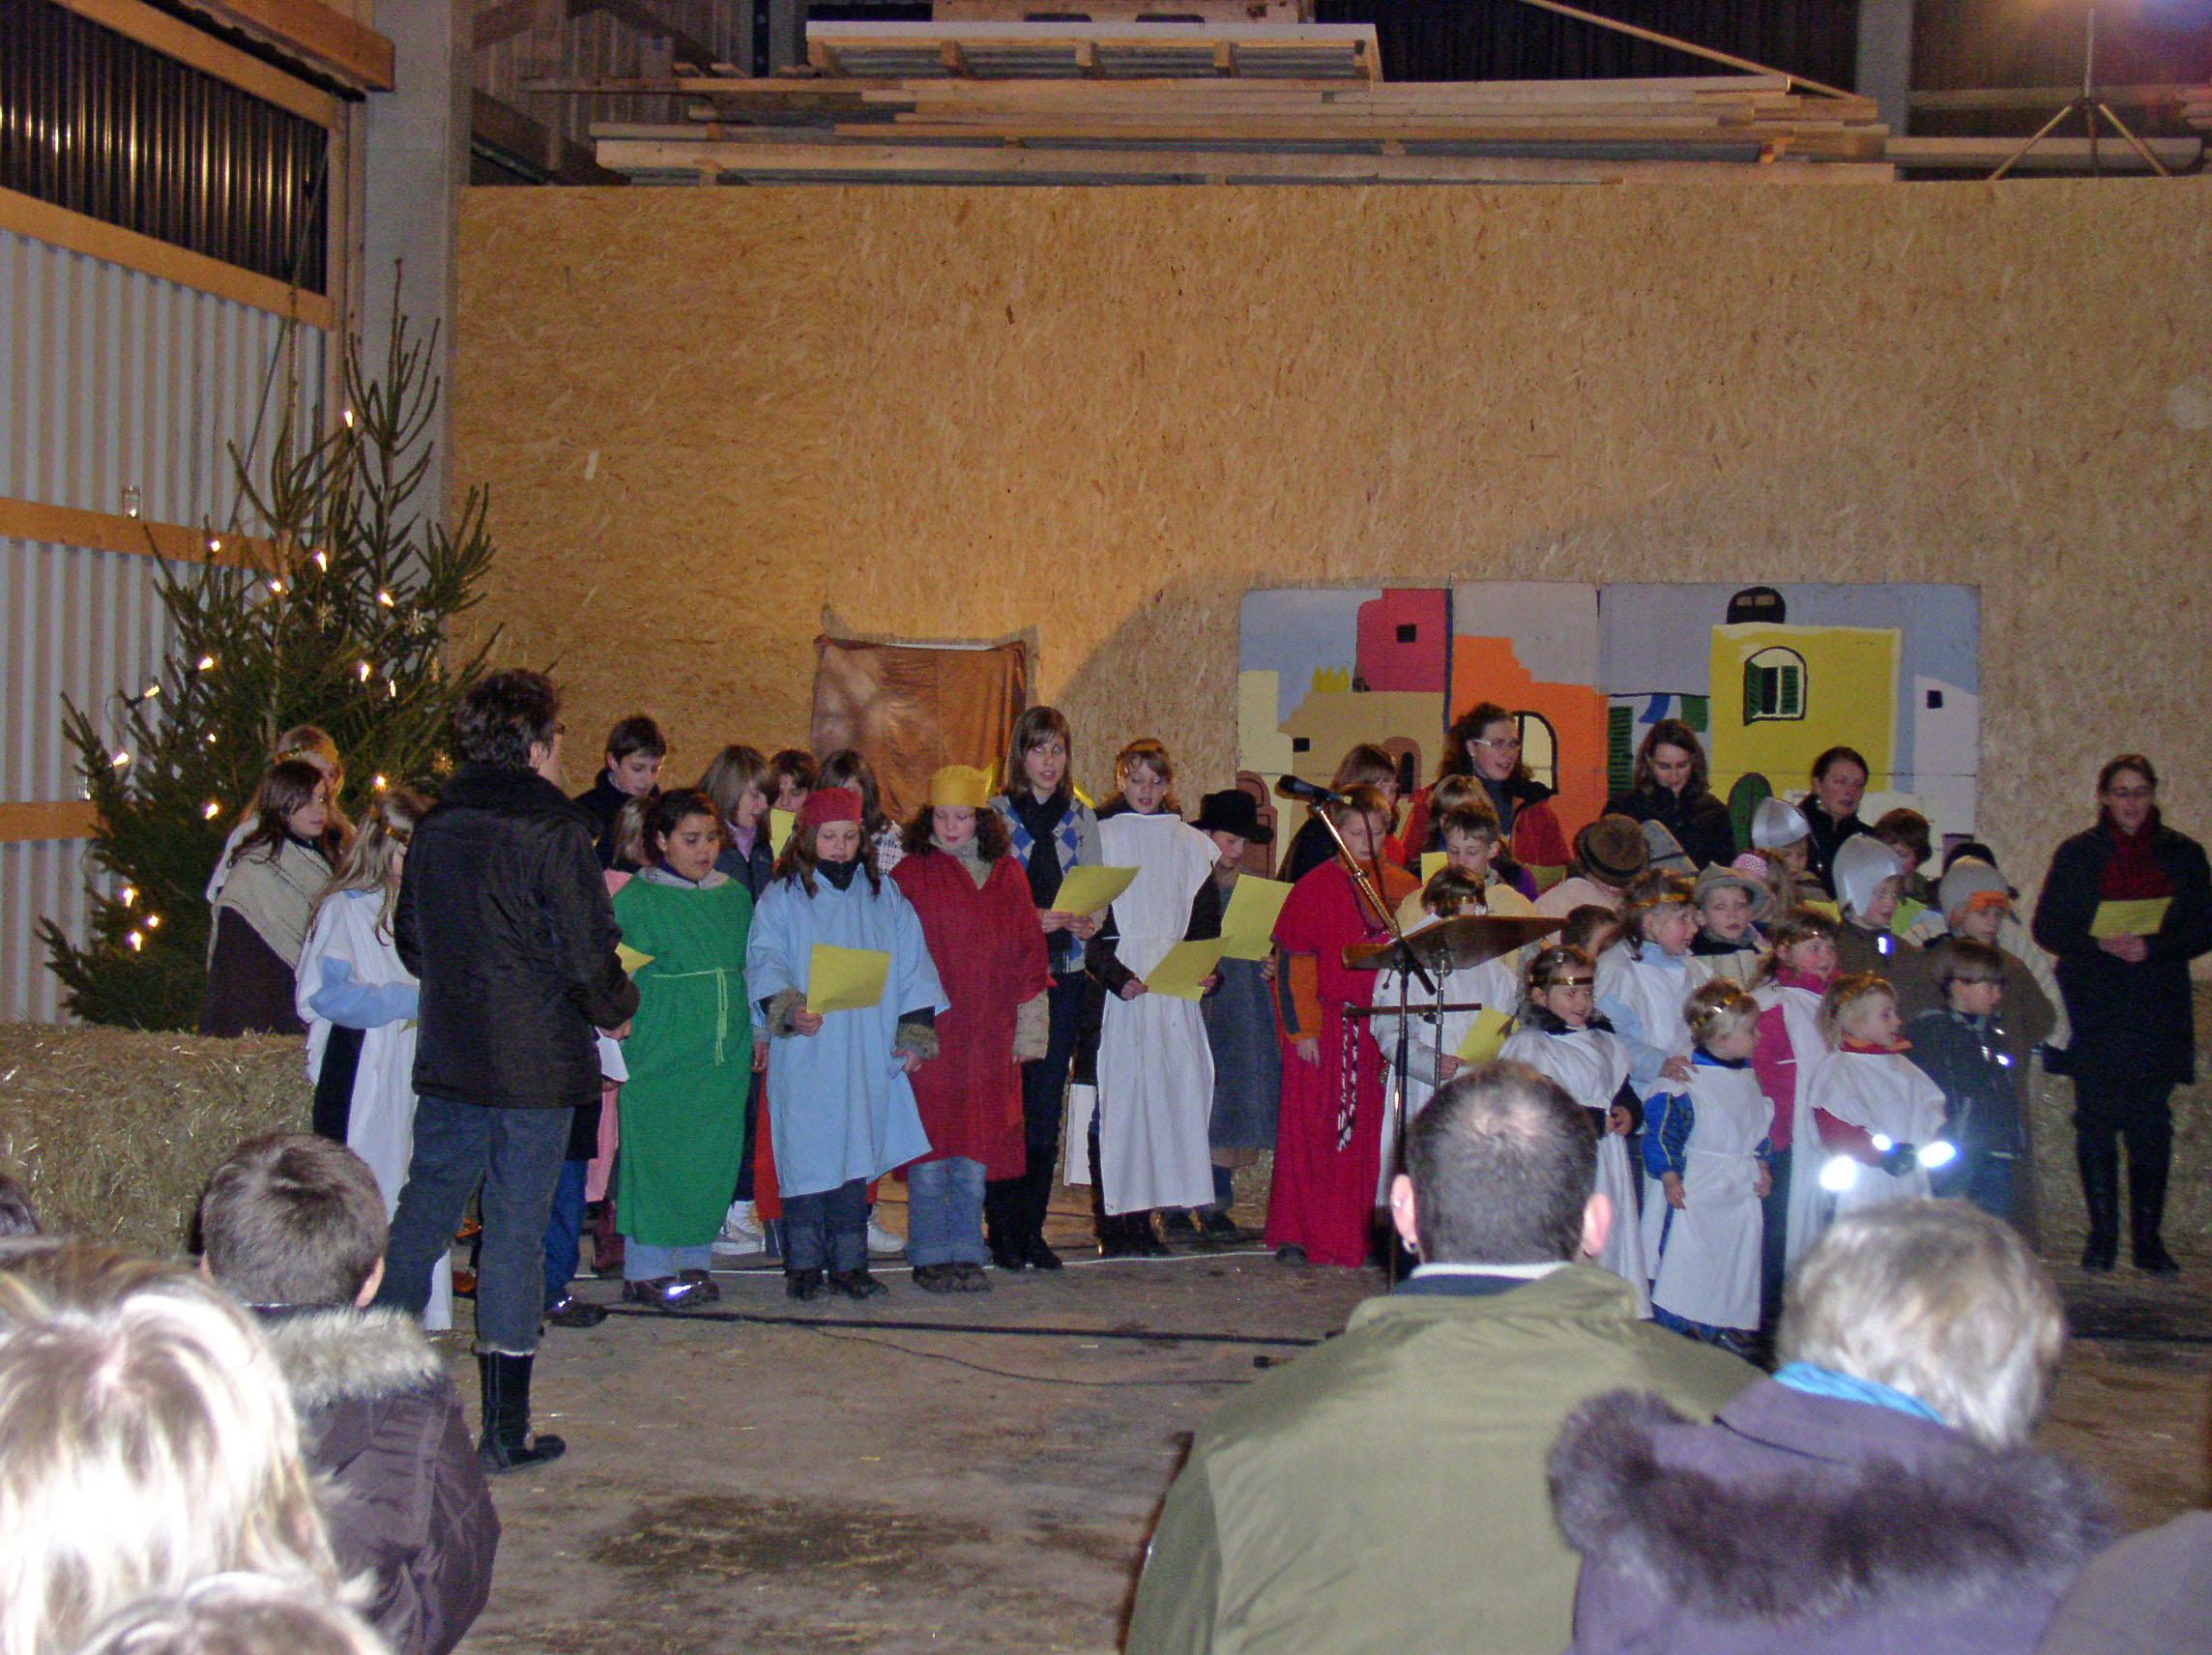 weihnachtsfeier 2008 evangelische kirchengemeinde bergfelden. Black Bedroom Furniture Sets. Home Design Ideas